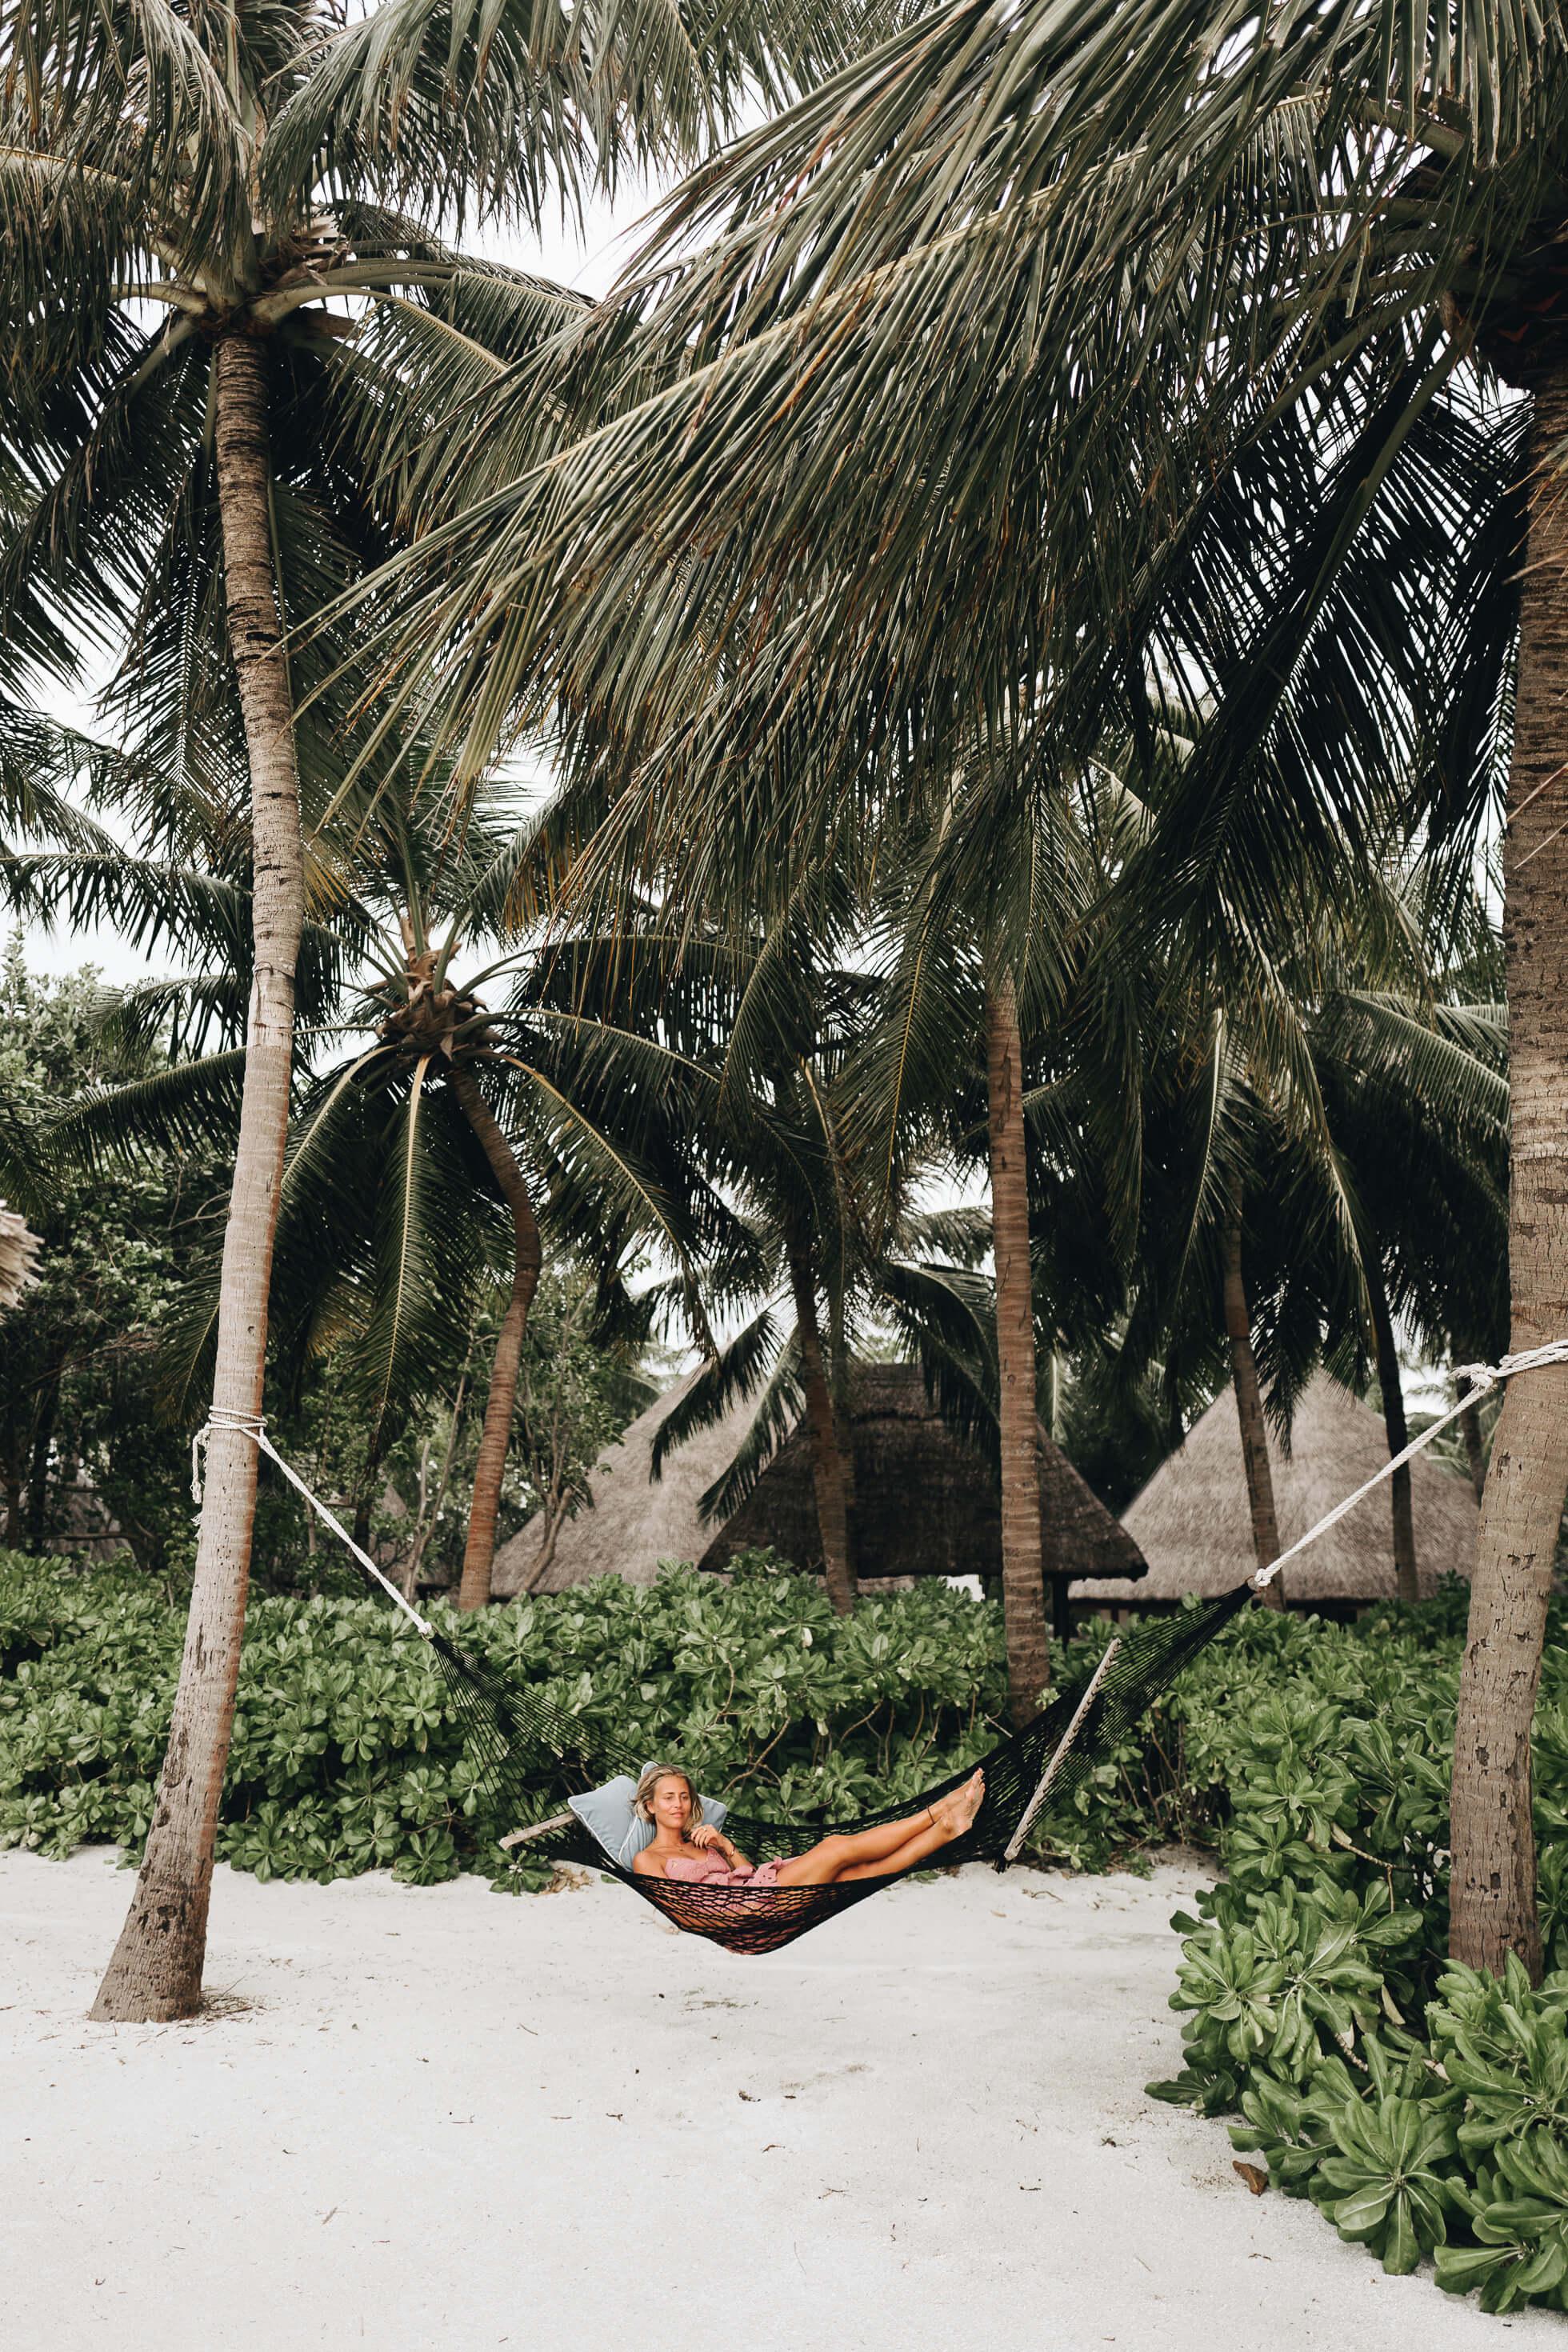 janni-deler-maldives-snapshotsl1140836